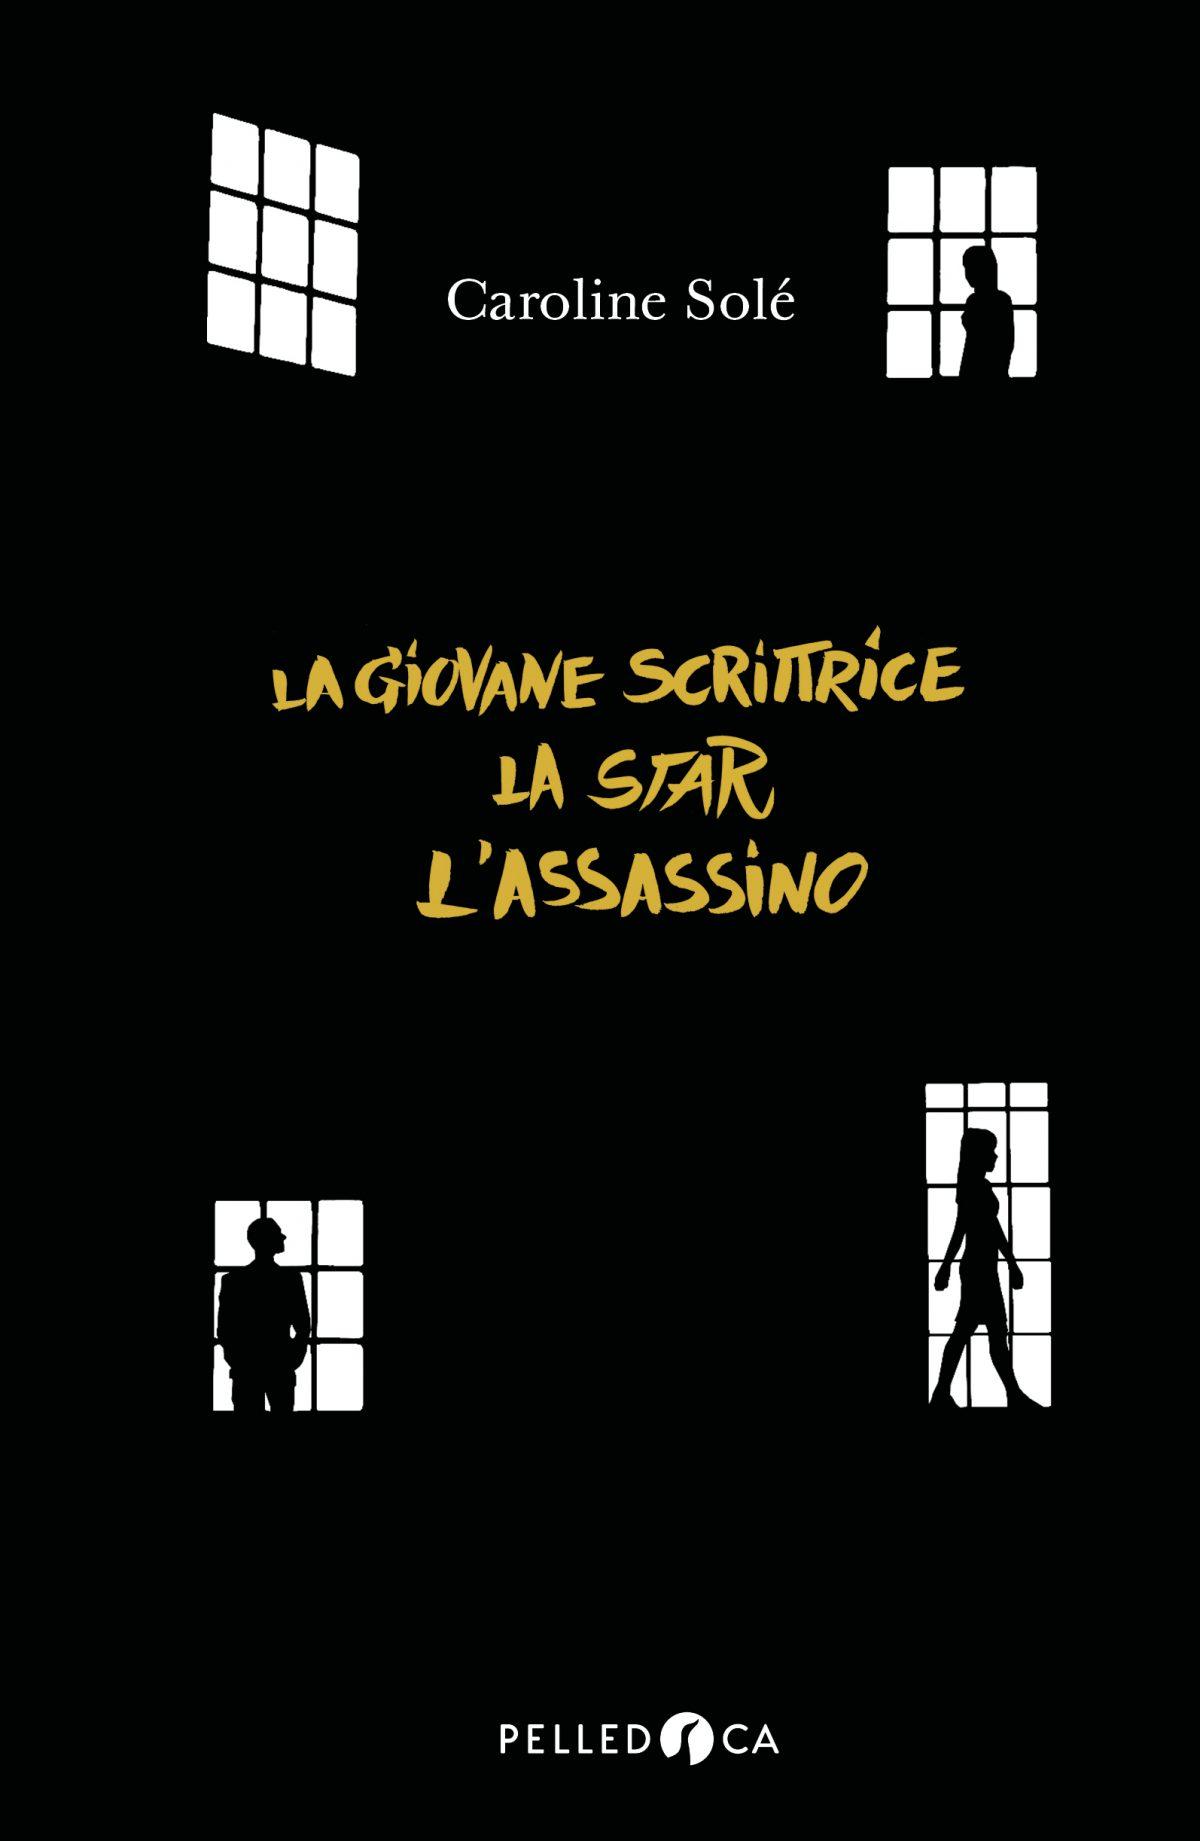 LA GIOVANE SCRITTRICE, LA STAR E L'ASSASSINO